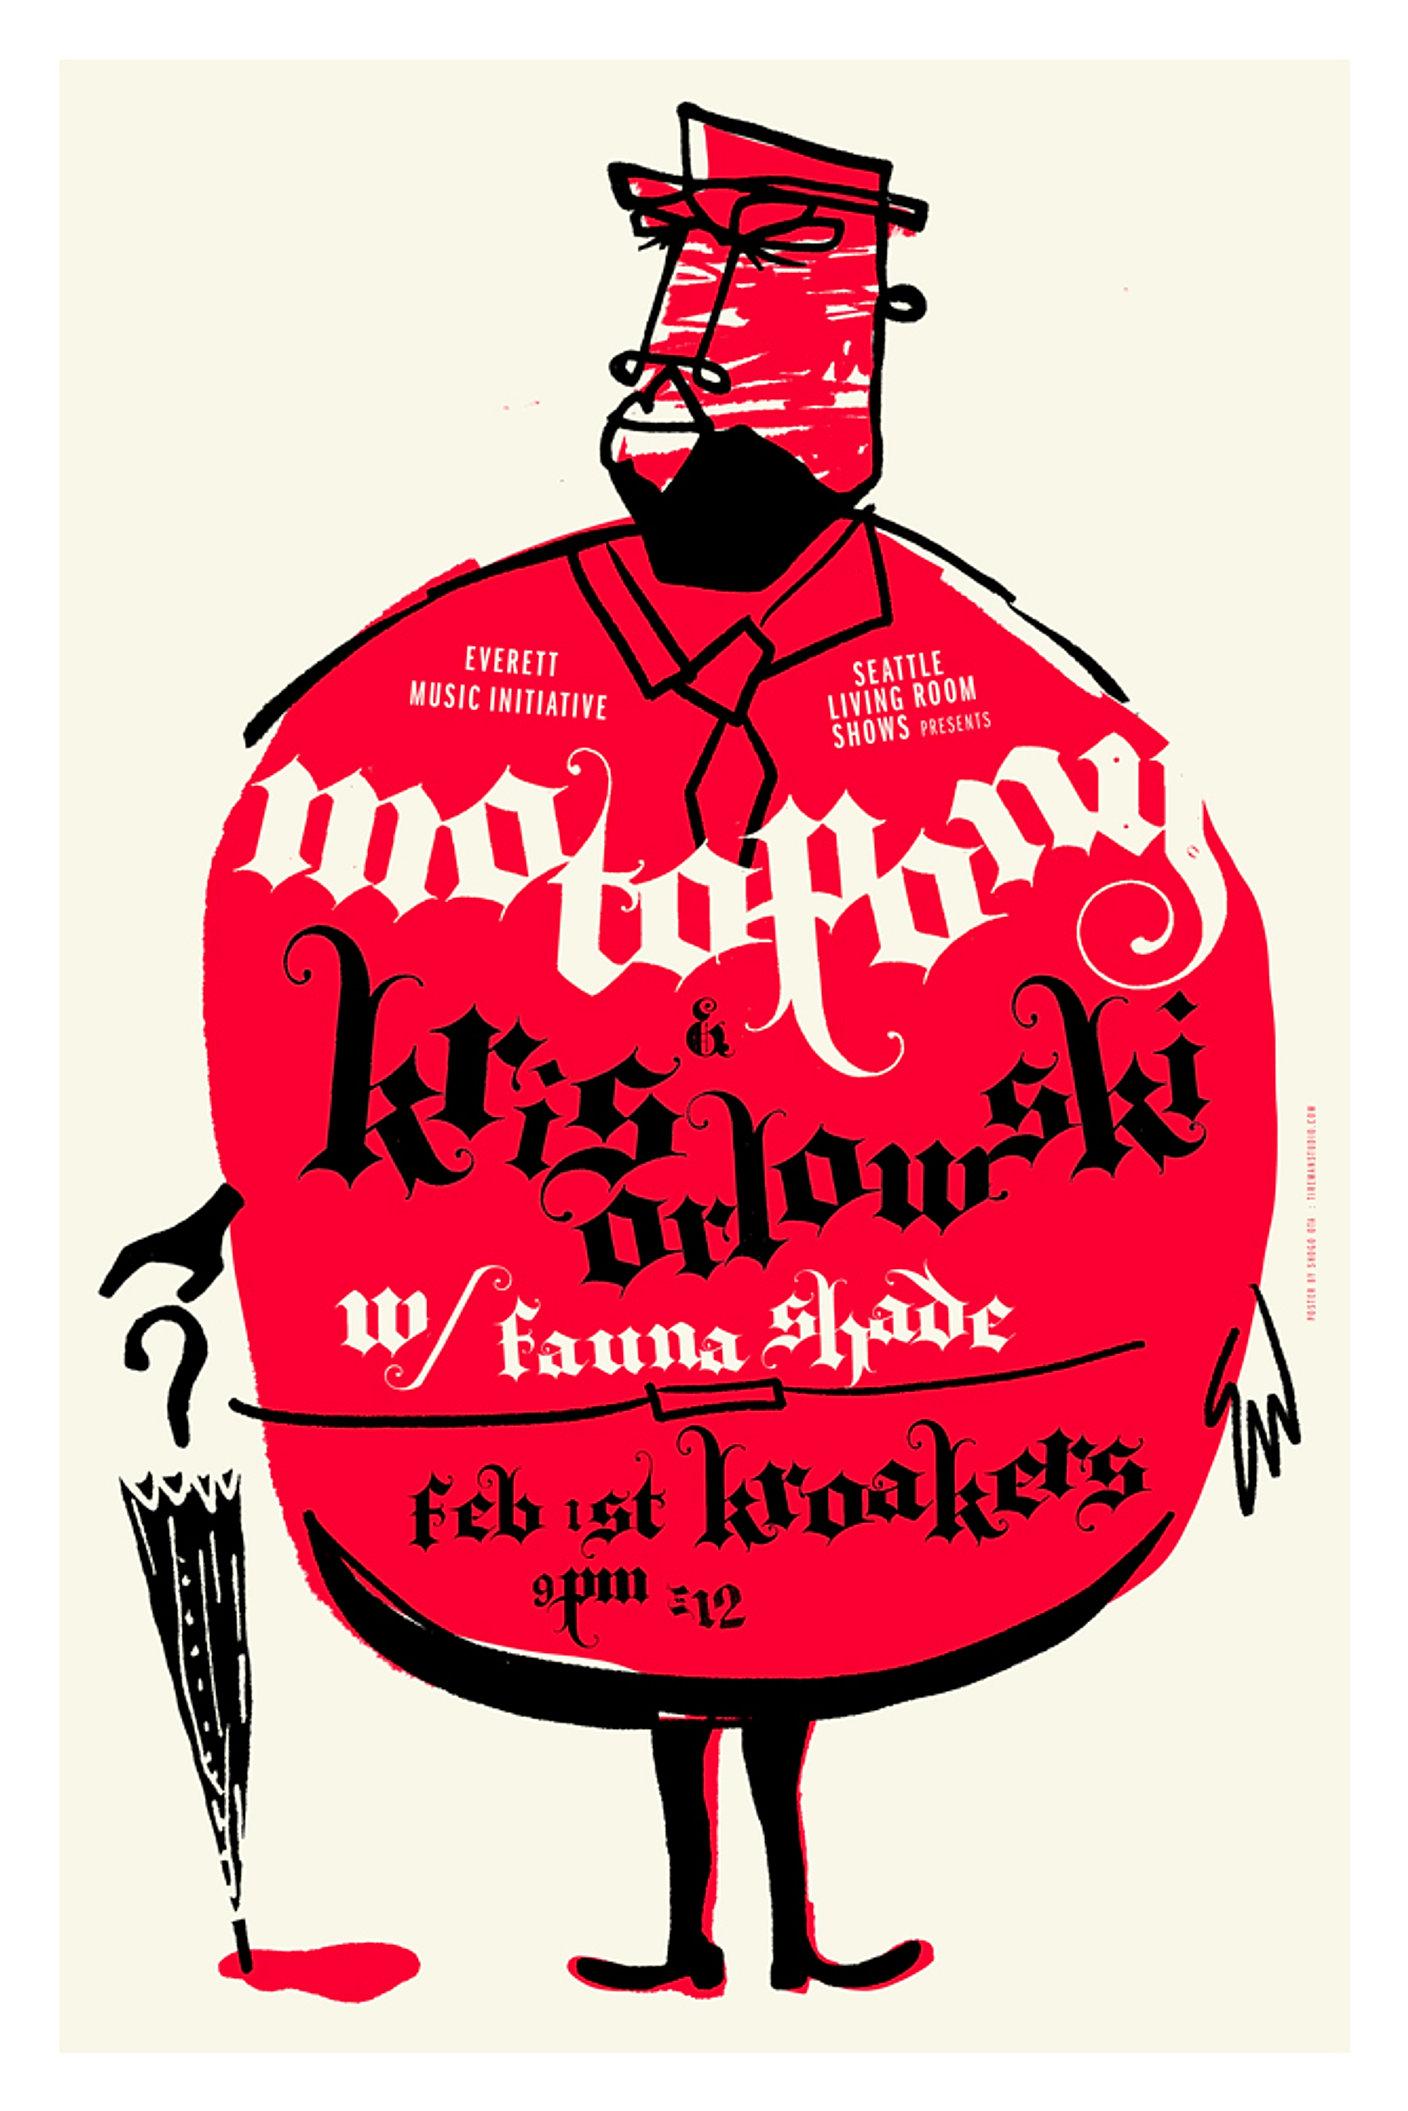 Motopony & Kris Orlowski